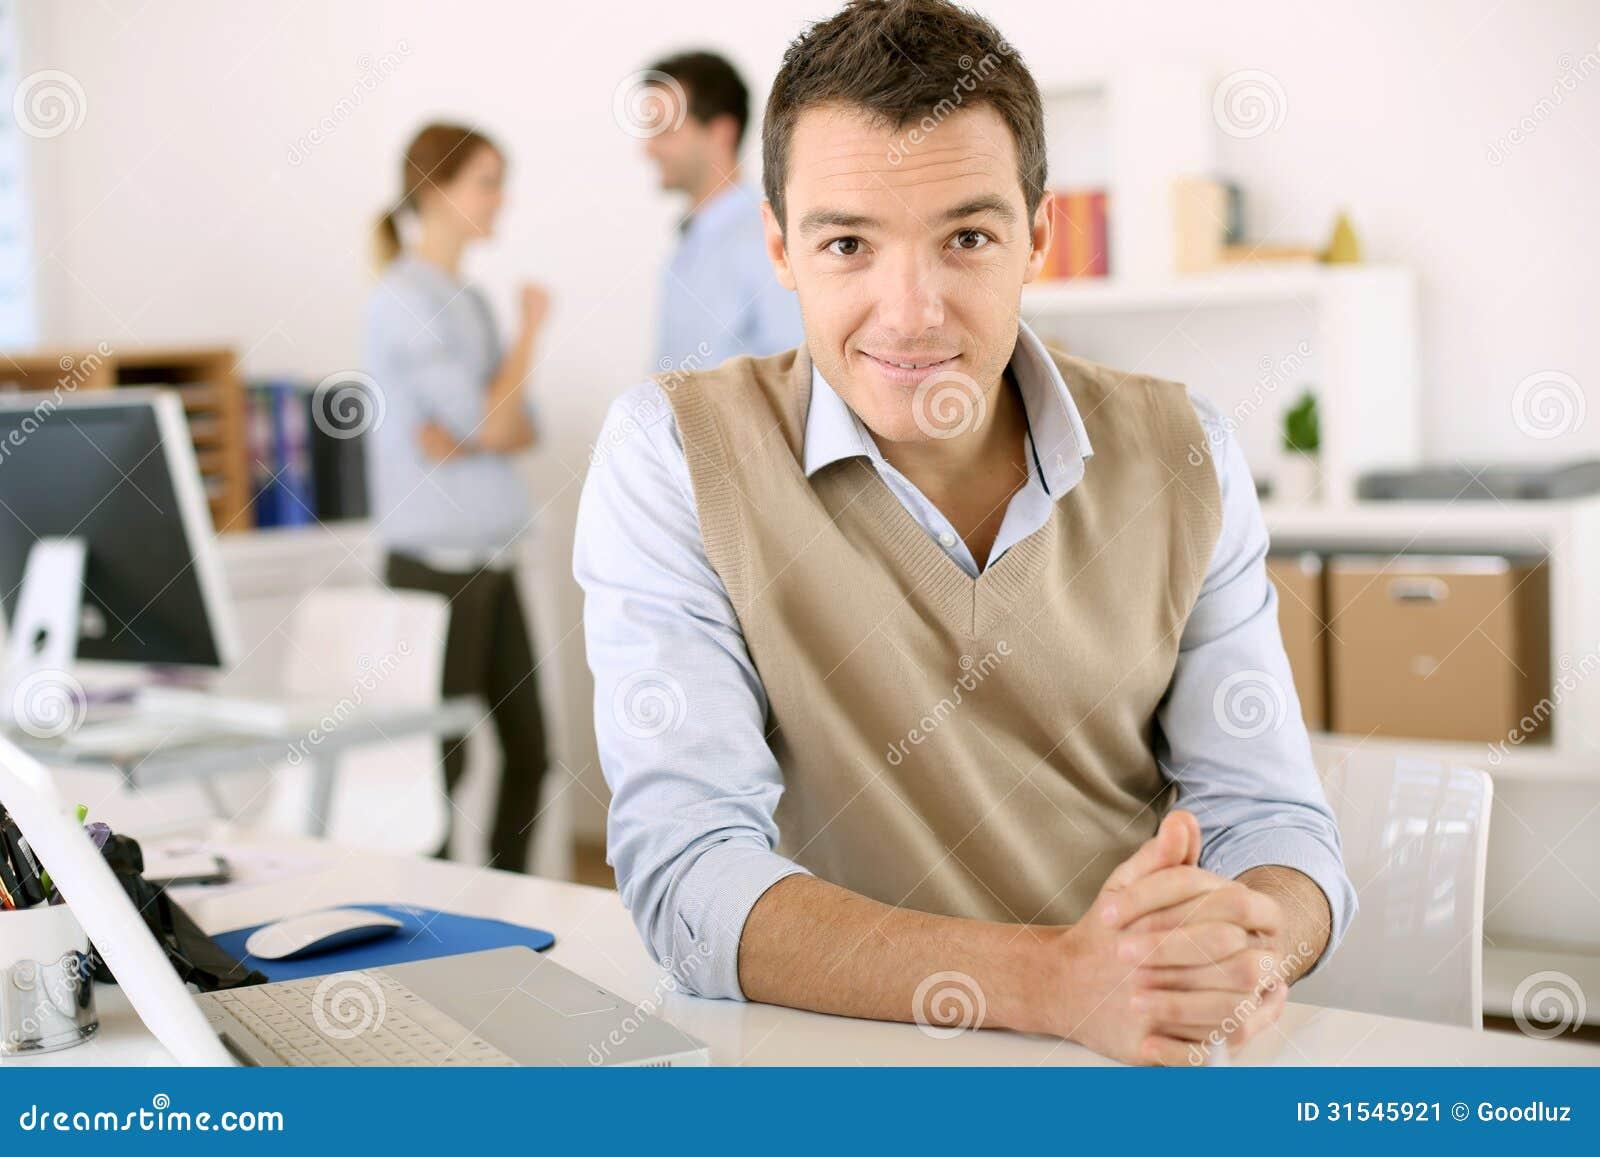 hombre satisfecho y amistoso en oficina imagen de archivo